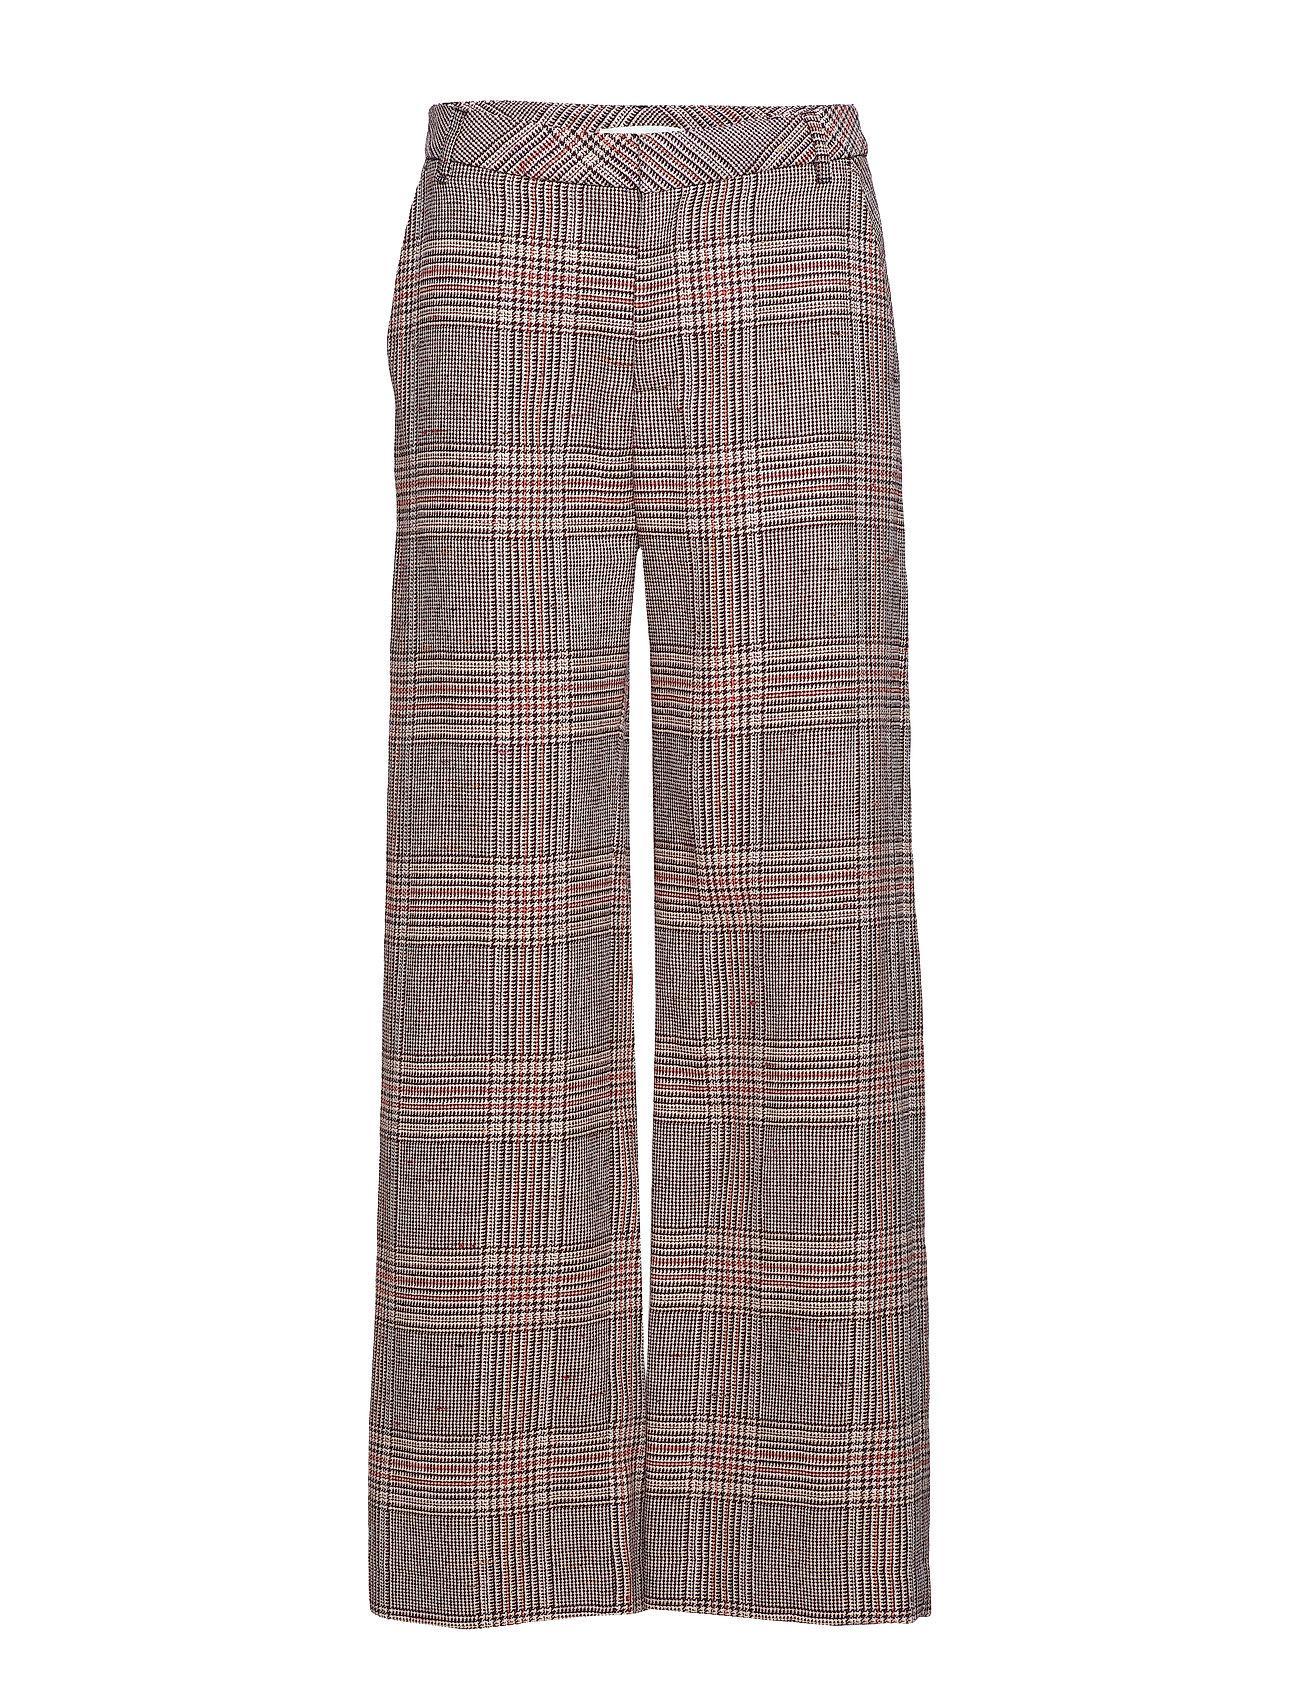 Gestuz Sari pants SO19 - TAN CHECK